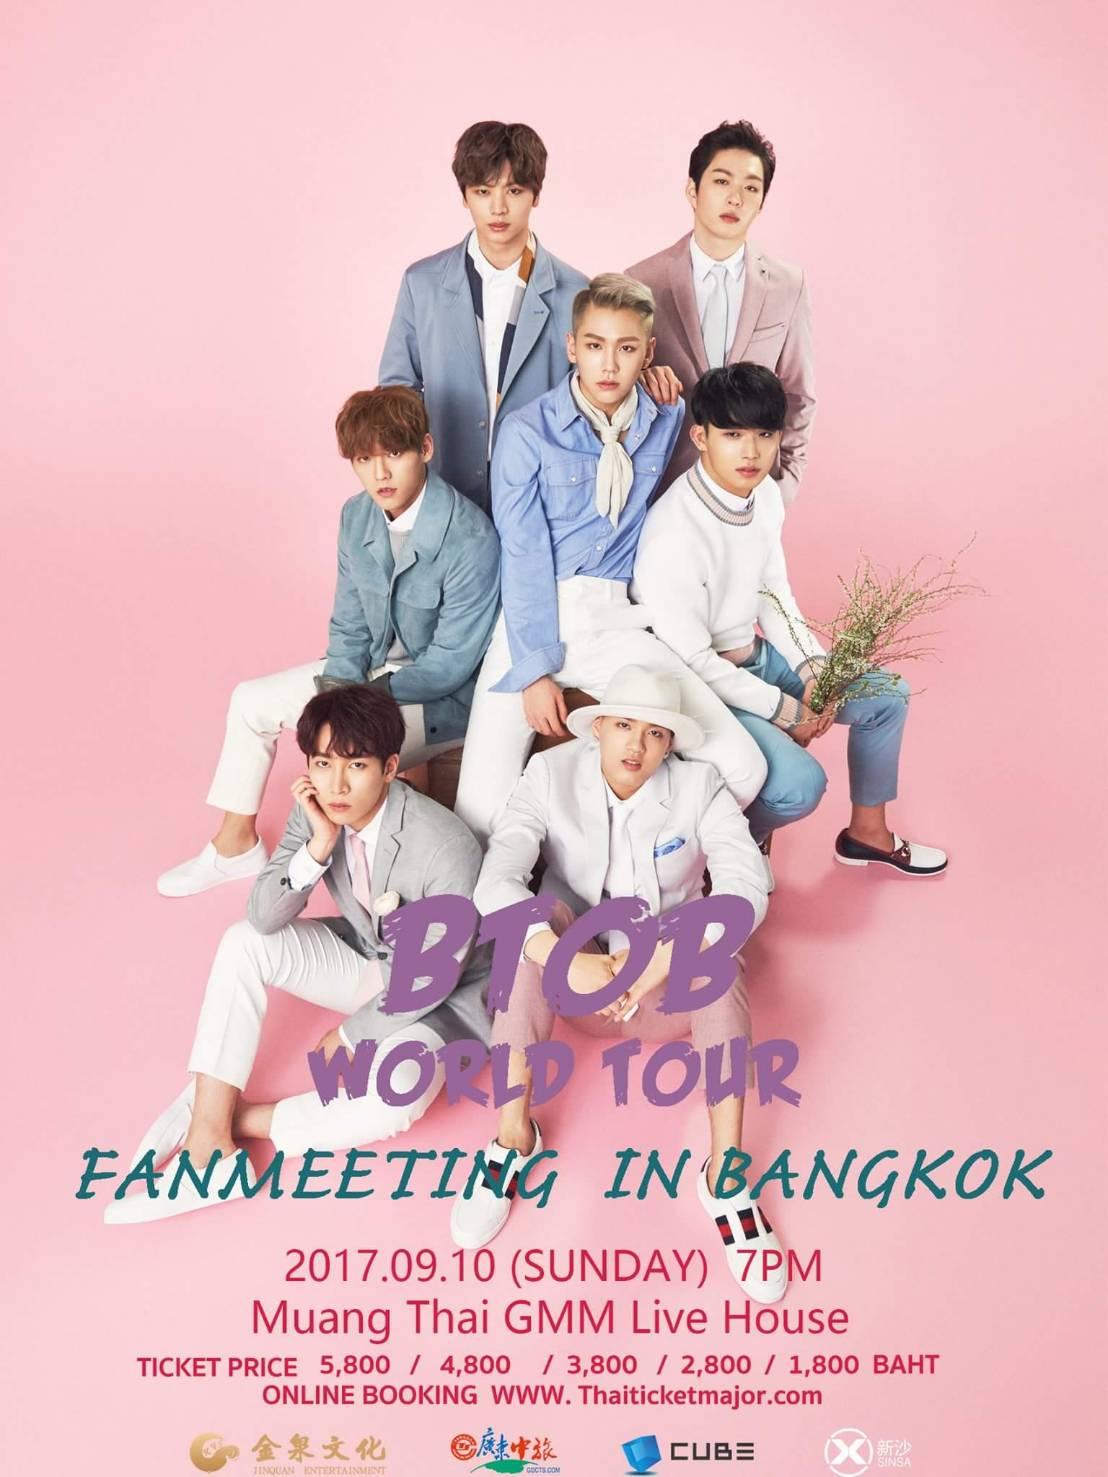 สิ้นสุดการคอรอย BTOB บุกไทย!! พร้อมเสิร์ฟเซอร์ไพรส์เอาใจชาว เมโลดี้ 10 ก.ย.นี้